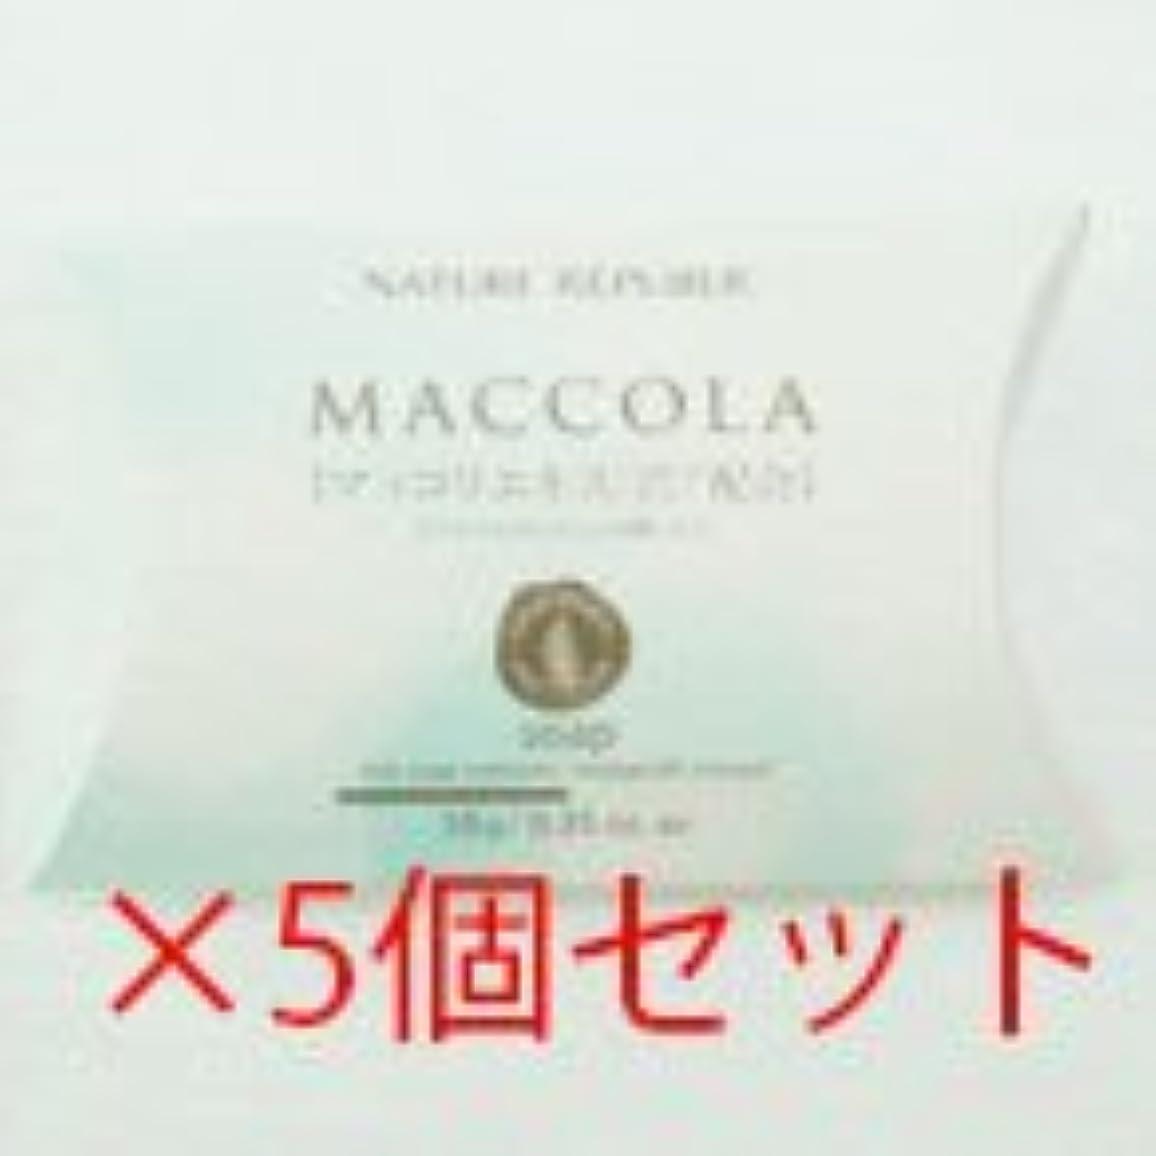 オーバードローエンドテーブル野望ネイチャーリパブリック NATURE REPUBLIC (正規品) ネイチャーリパブリック マッコラ ソープ 10g×5